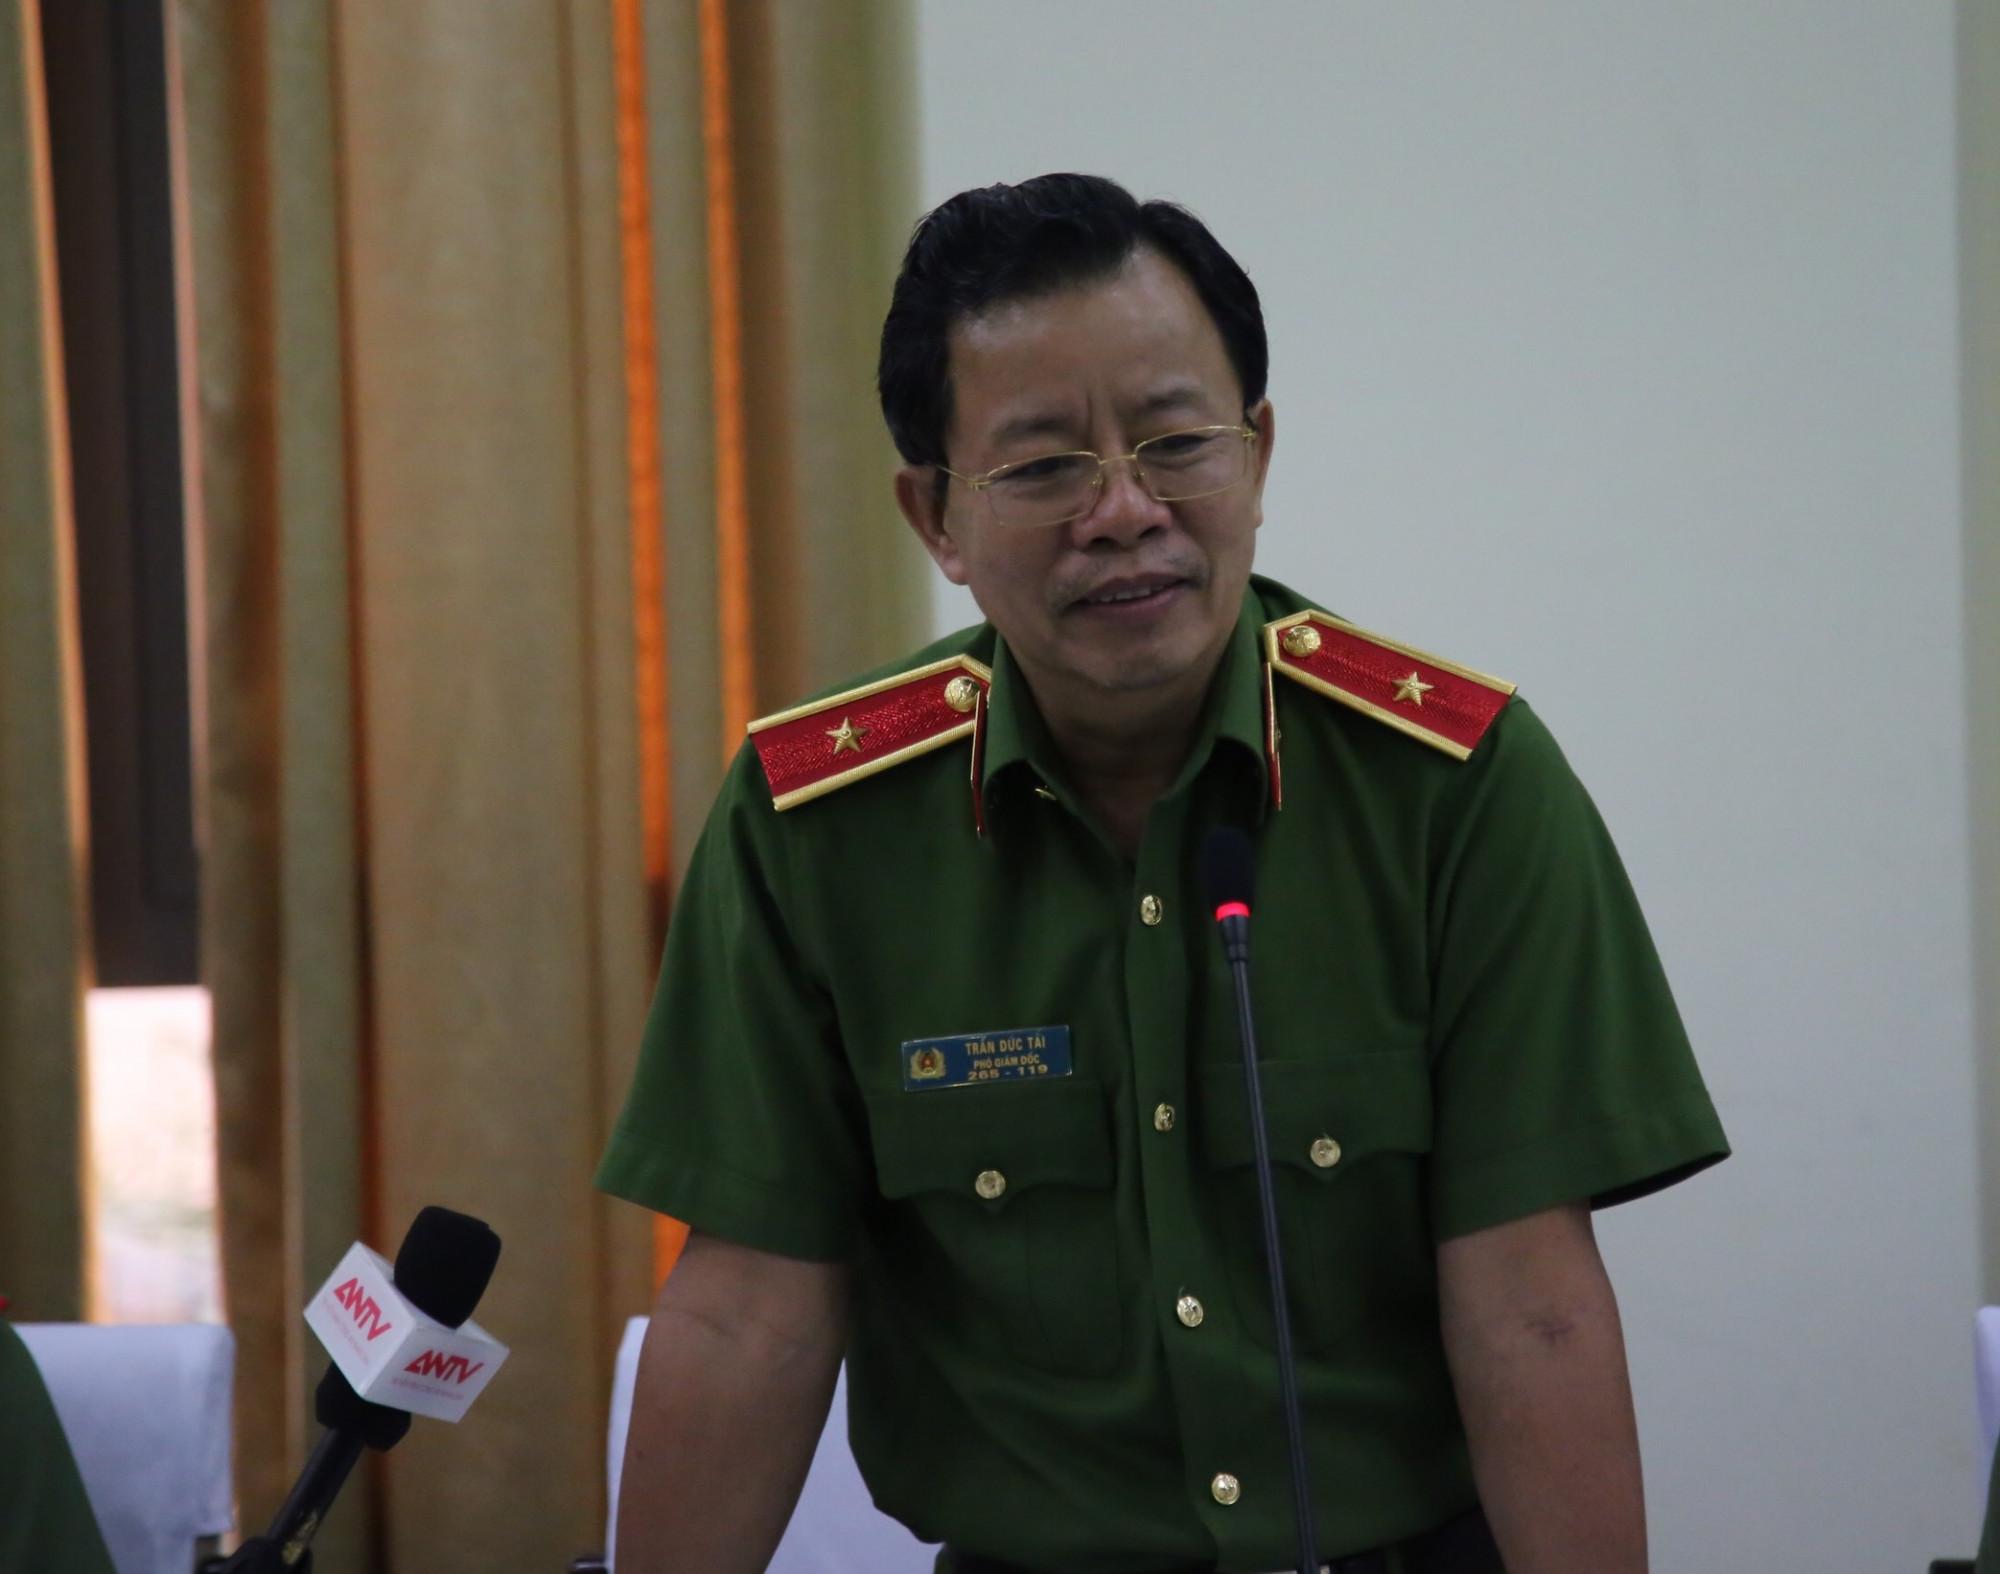 Phó giám đốc Công an TPHCM Trần Đức Tài phát biểu chiều 16/1